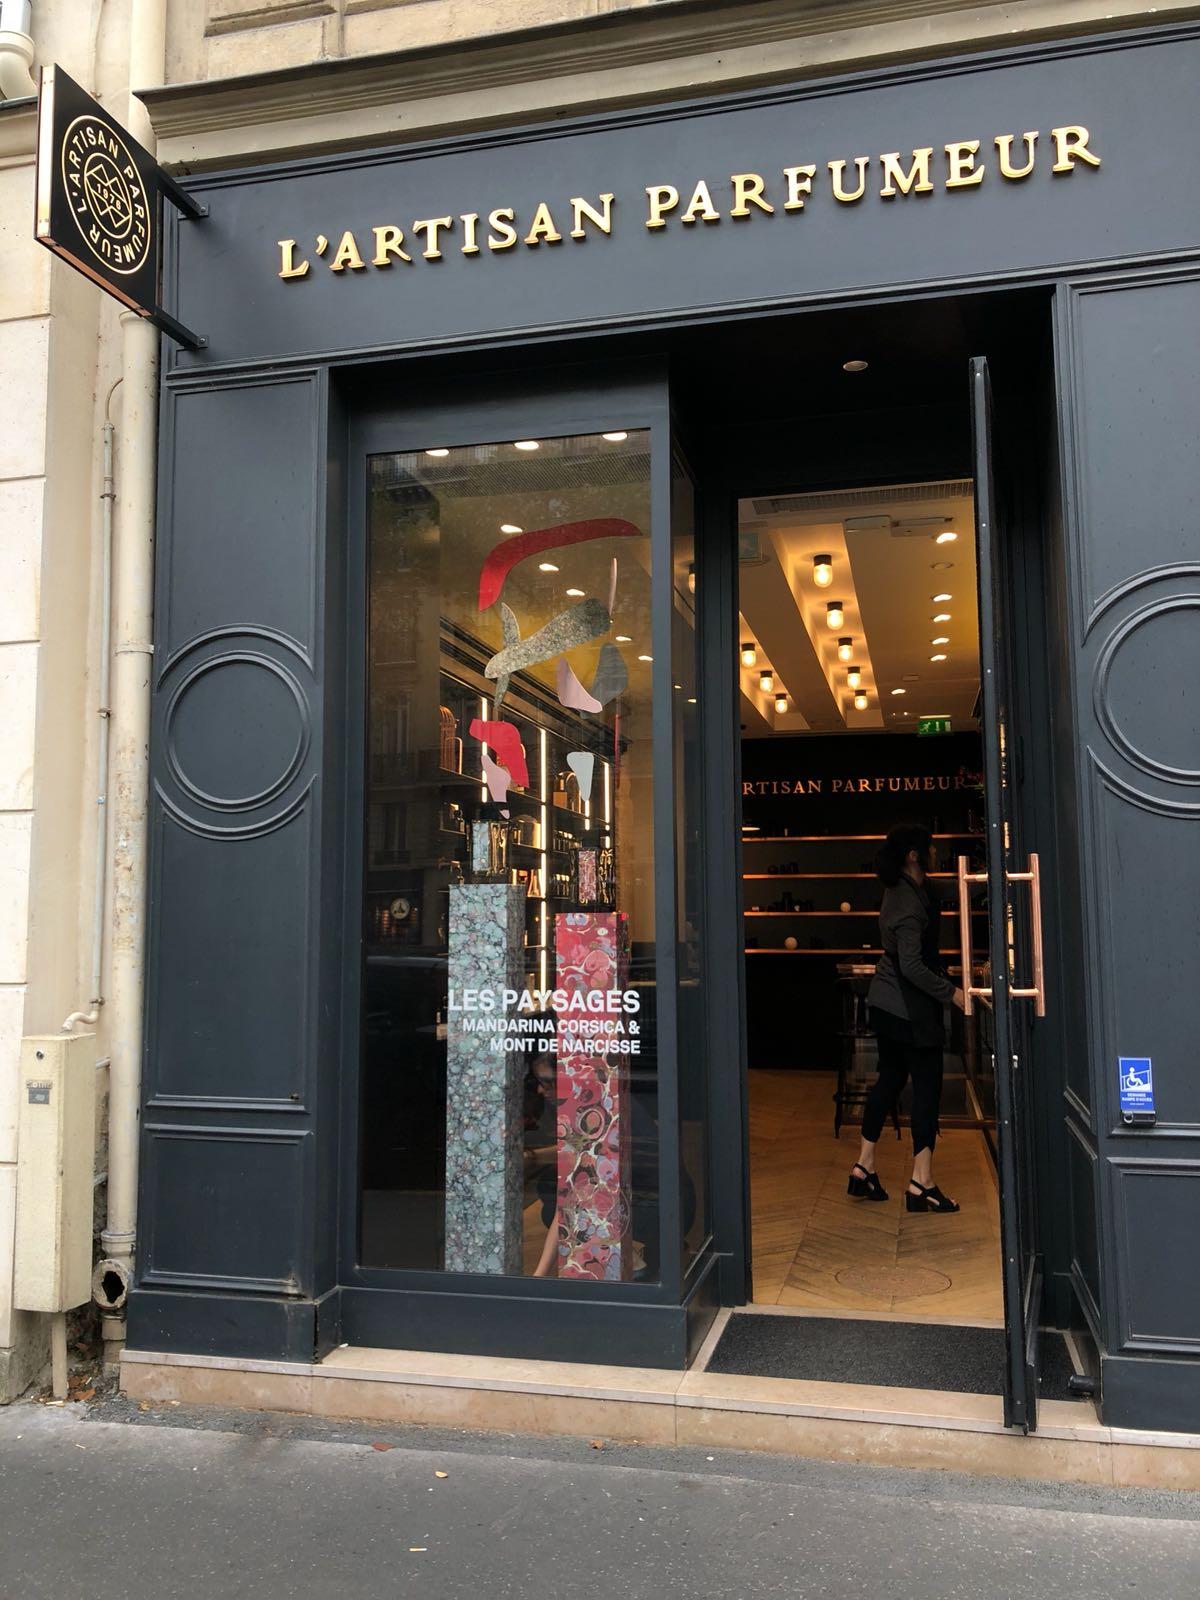 St Germain Paysages window display